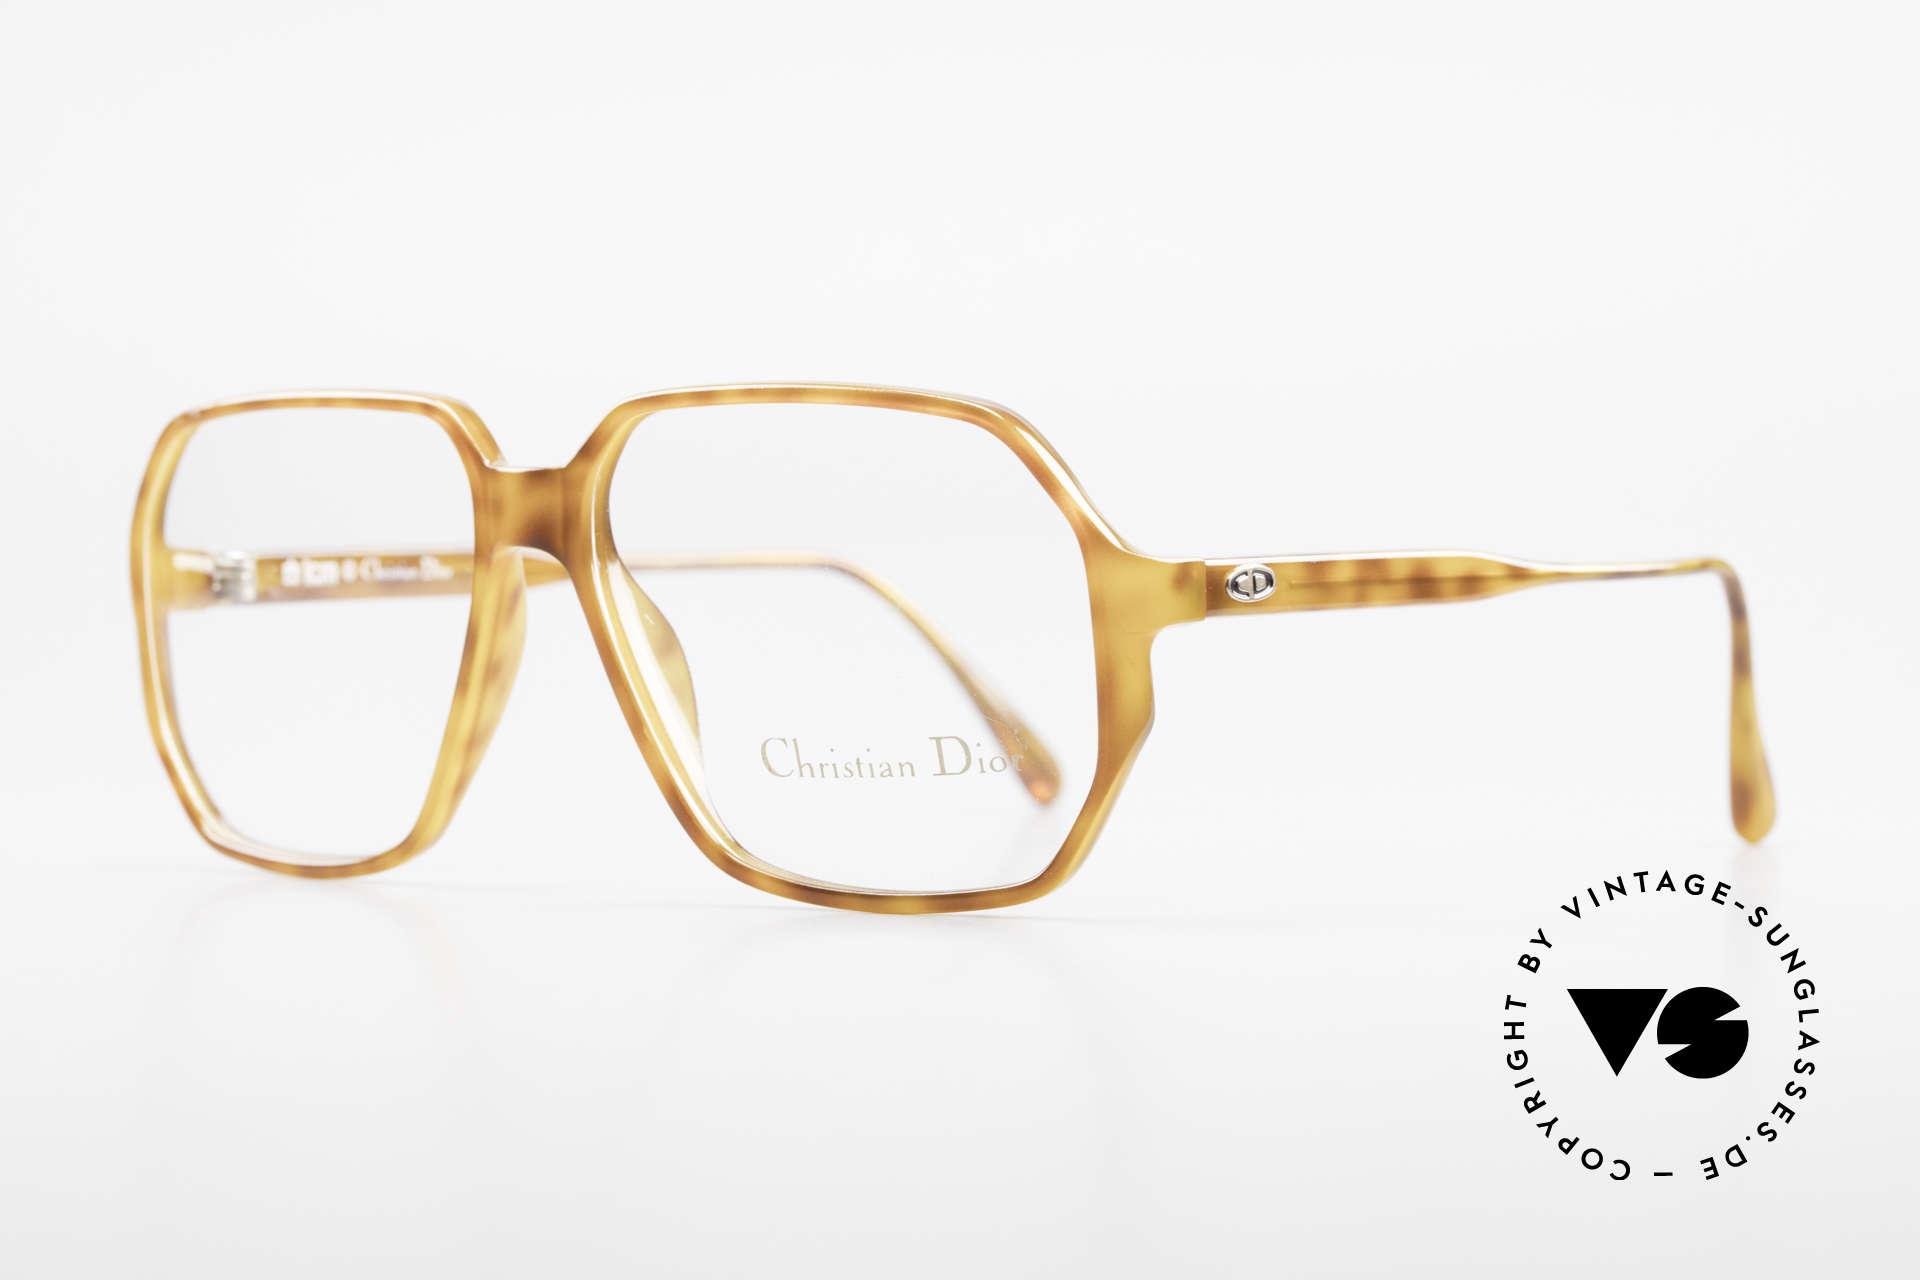 Christian Dior 2533 Optyl Vintage Herrenbrille, hoher Tragekomfort dank leichtem Optyl-Rahmen, Passend für Herren